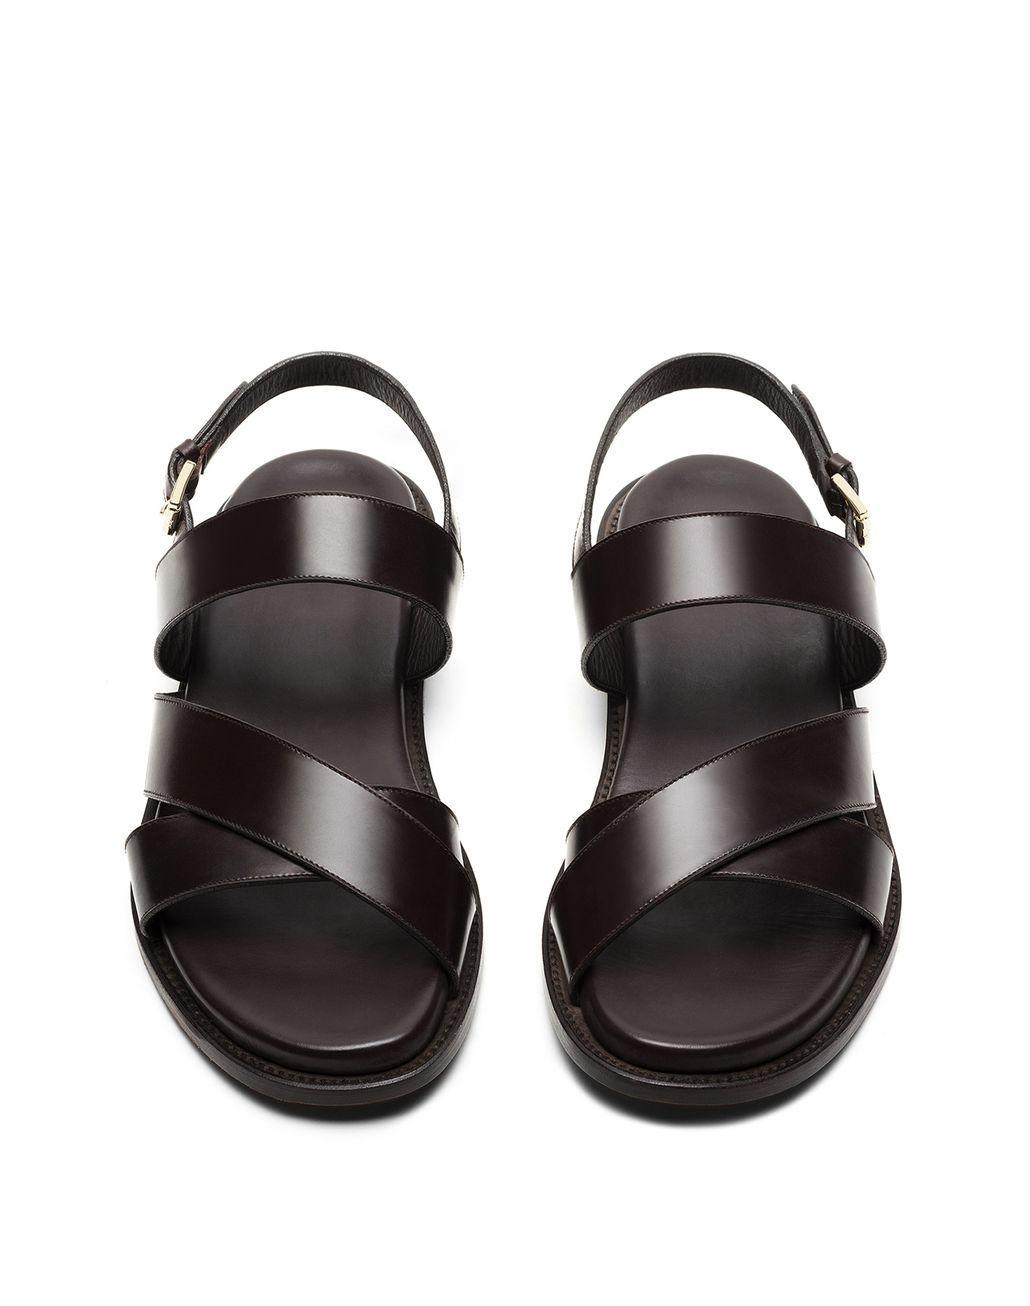 Brioni Leather Platform Sandals discount official cheap sale factory outlet cheap purchase marketable online J9FMJ